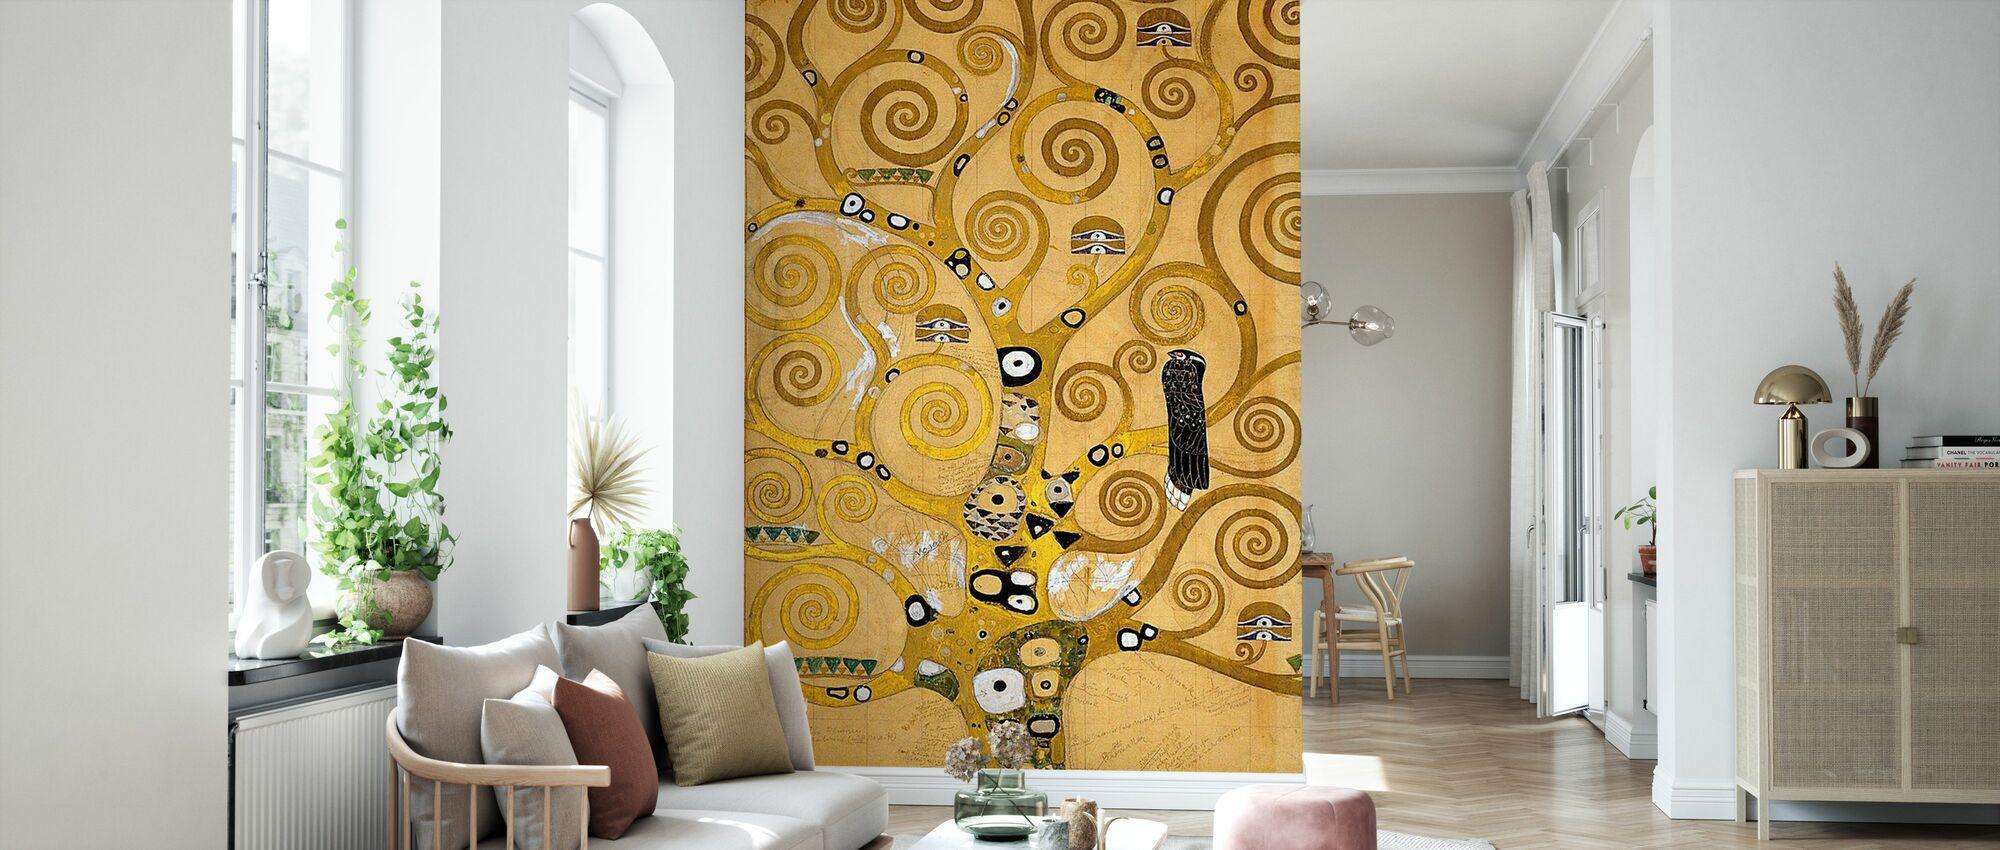 Klimt, Gustav - Der Baum des Lebens - Tapete - Wohnzimmer